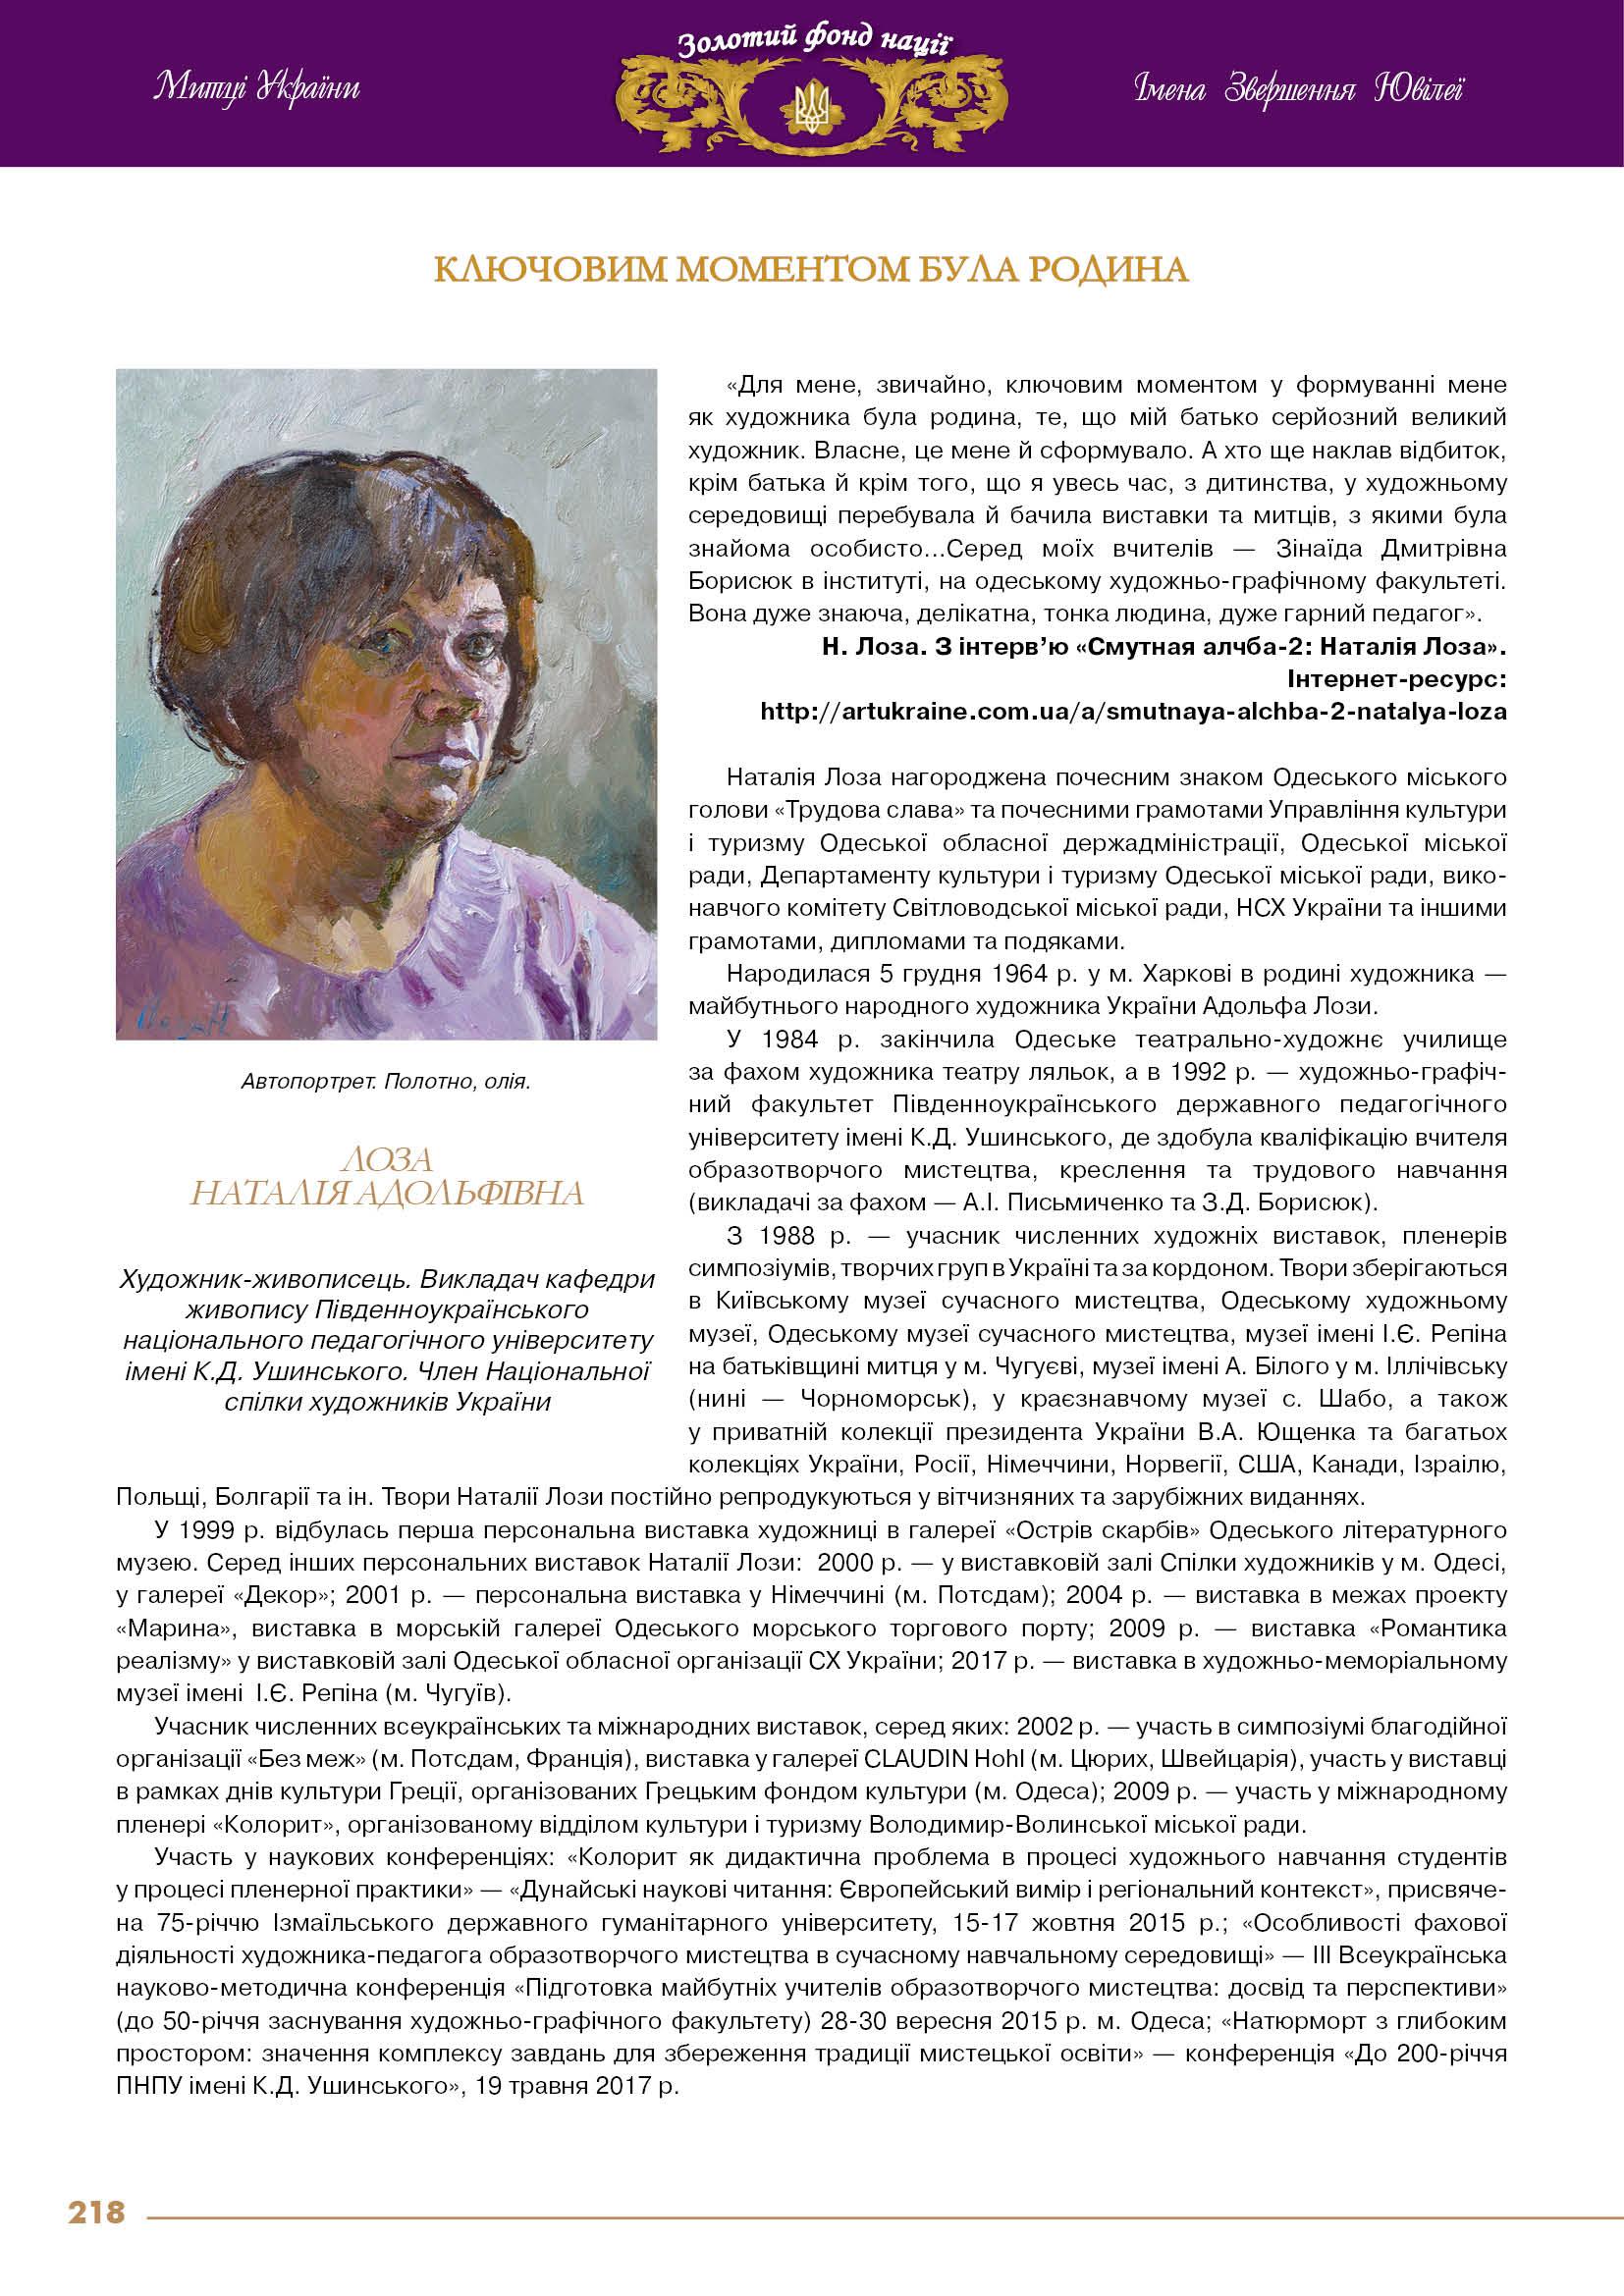 Лоза  Наталія Адольфівна